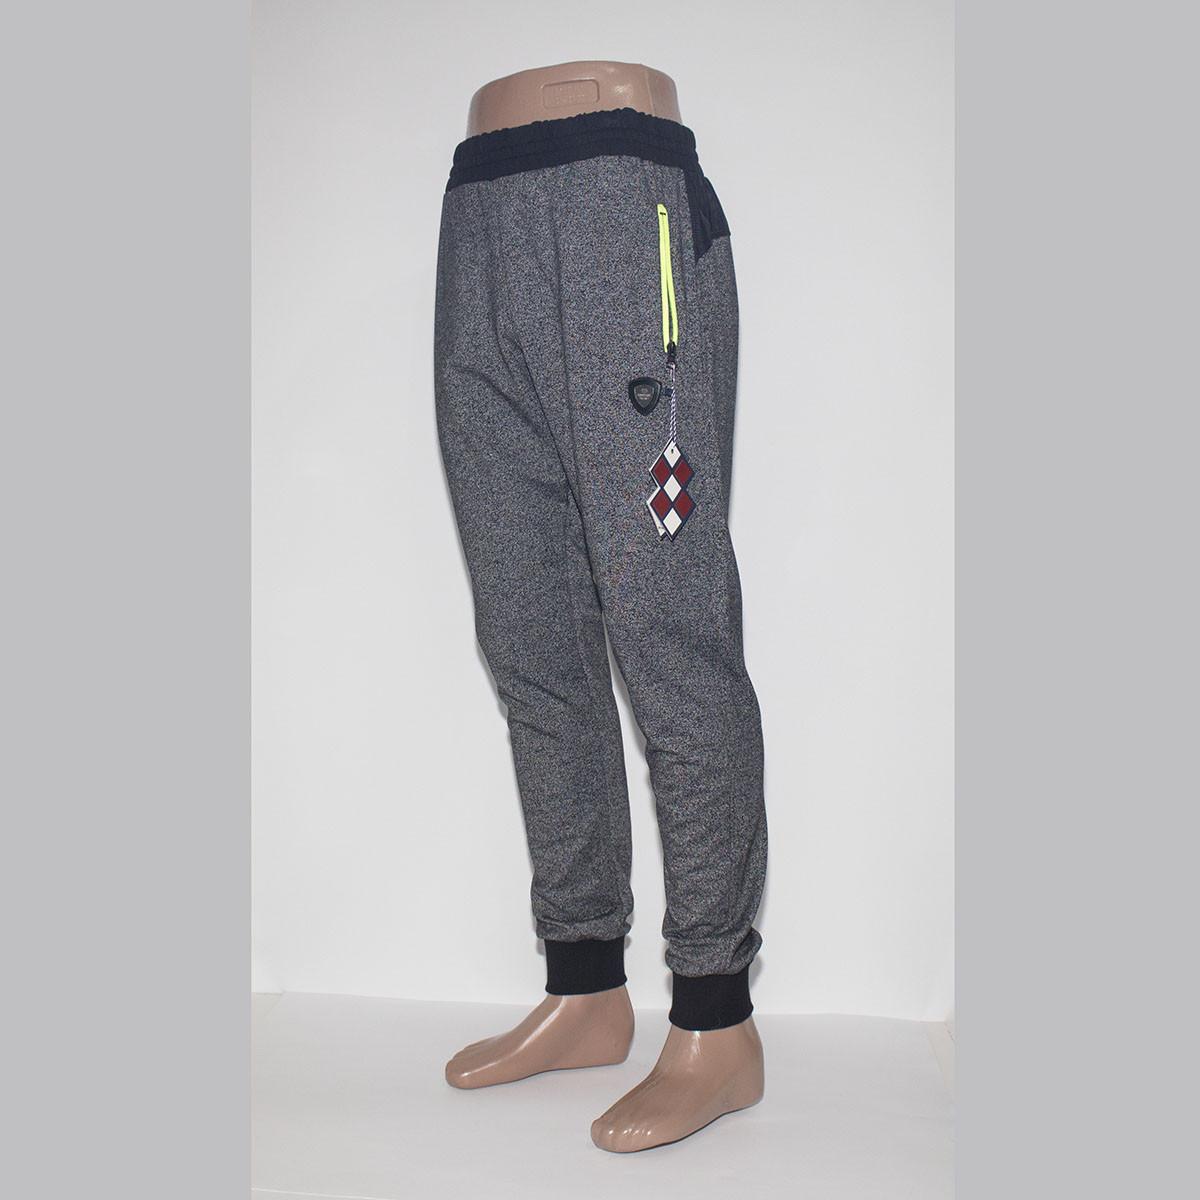 Мужские спортивные штаны под манжет TOMMY LIFE фабрика Турция 84233